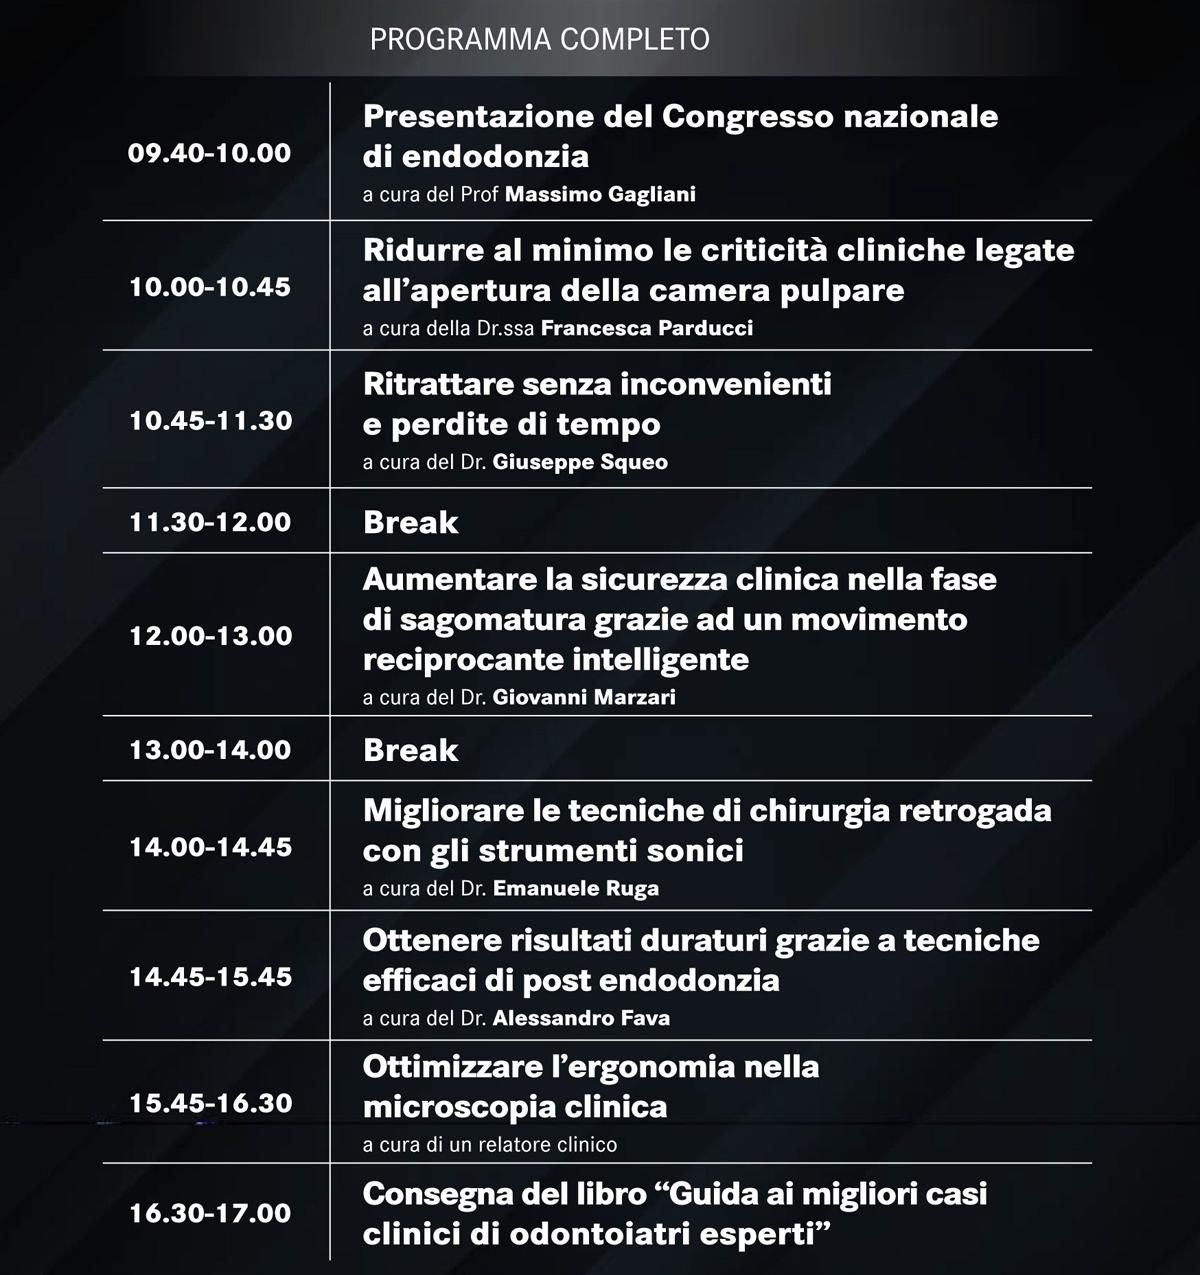 Programma Congresso Endo 2020020 -A5_pixart_v2- Small